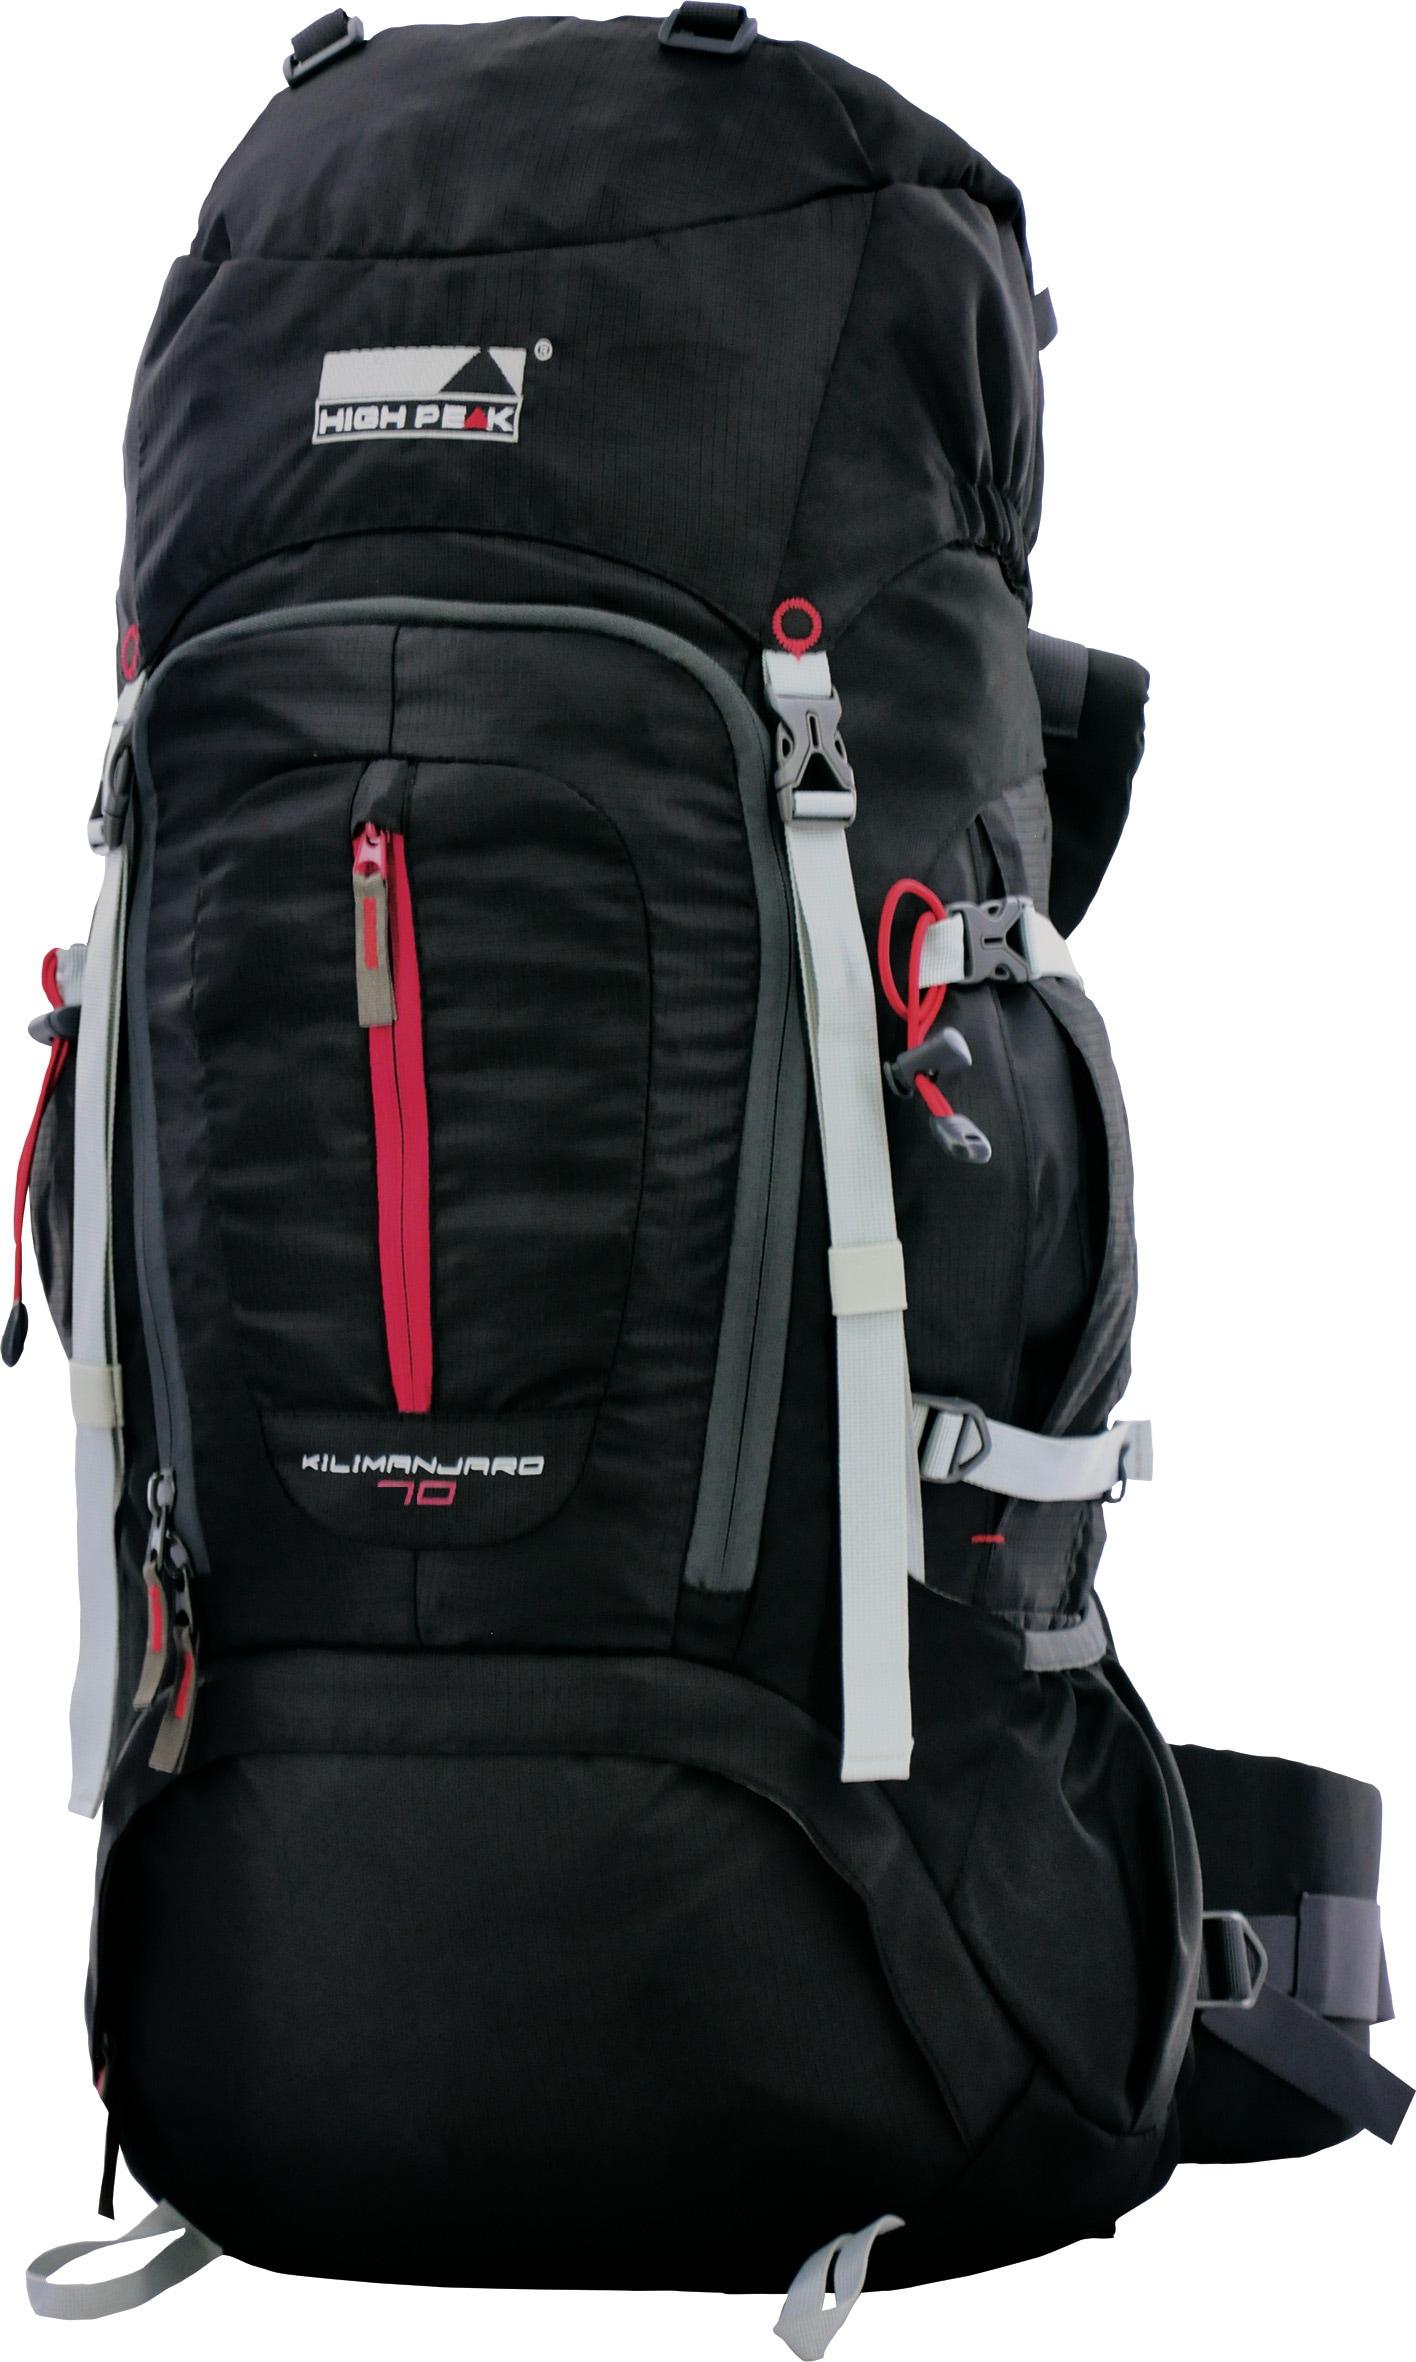 High Peak Trekkingrucksack, »Kilimanjaro 70« | Taschen > Rucksäcke > Sonstige Rucksäcke | Schwarz | Pu | HIGH PEAK